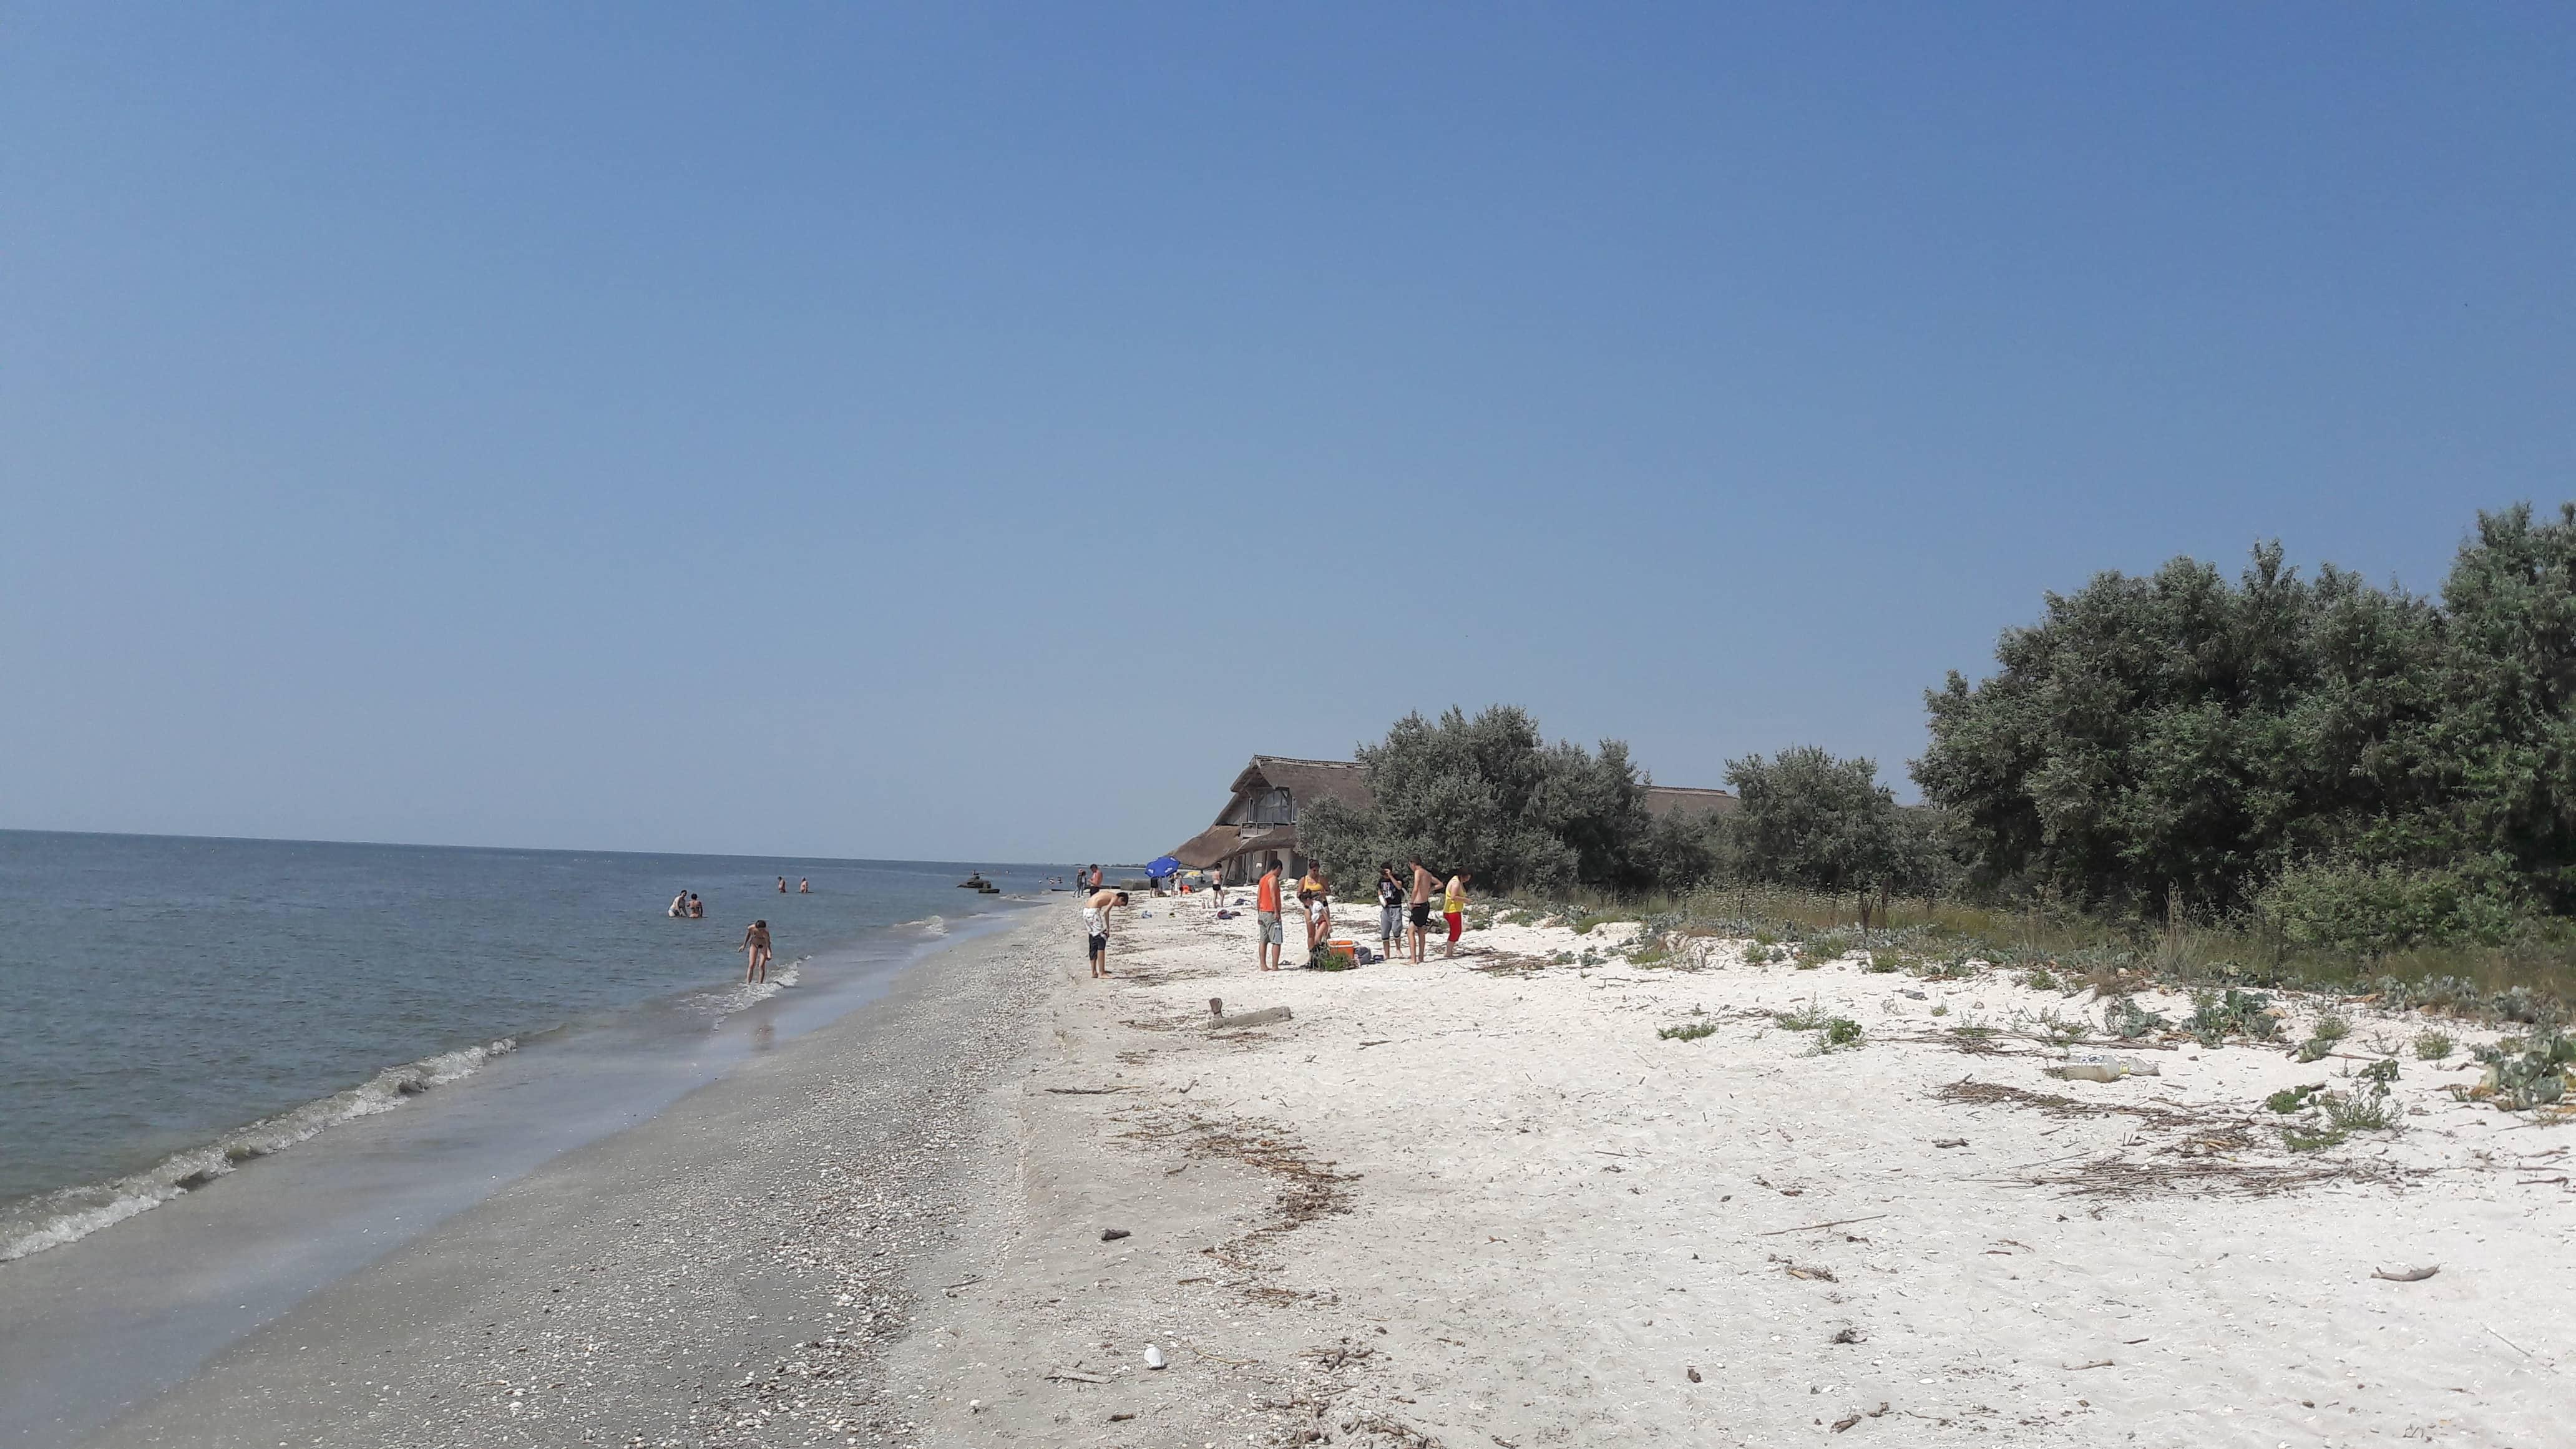 Cea mai spectaculoasă plajă virgină de pe litoralul românesc bate rău Mamaia – GALERIE FOTO-VIDEO